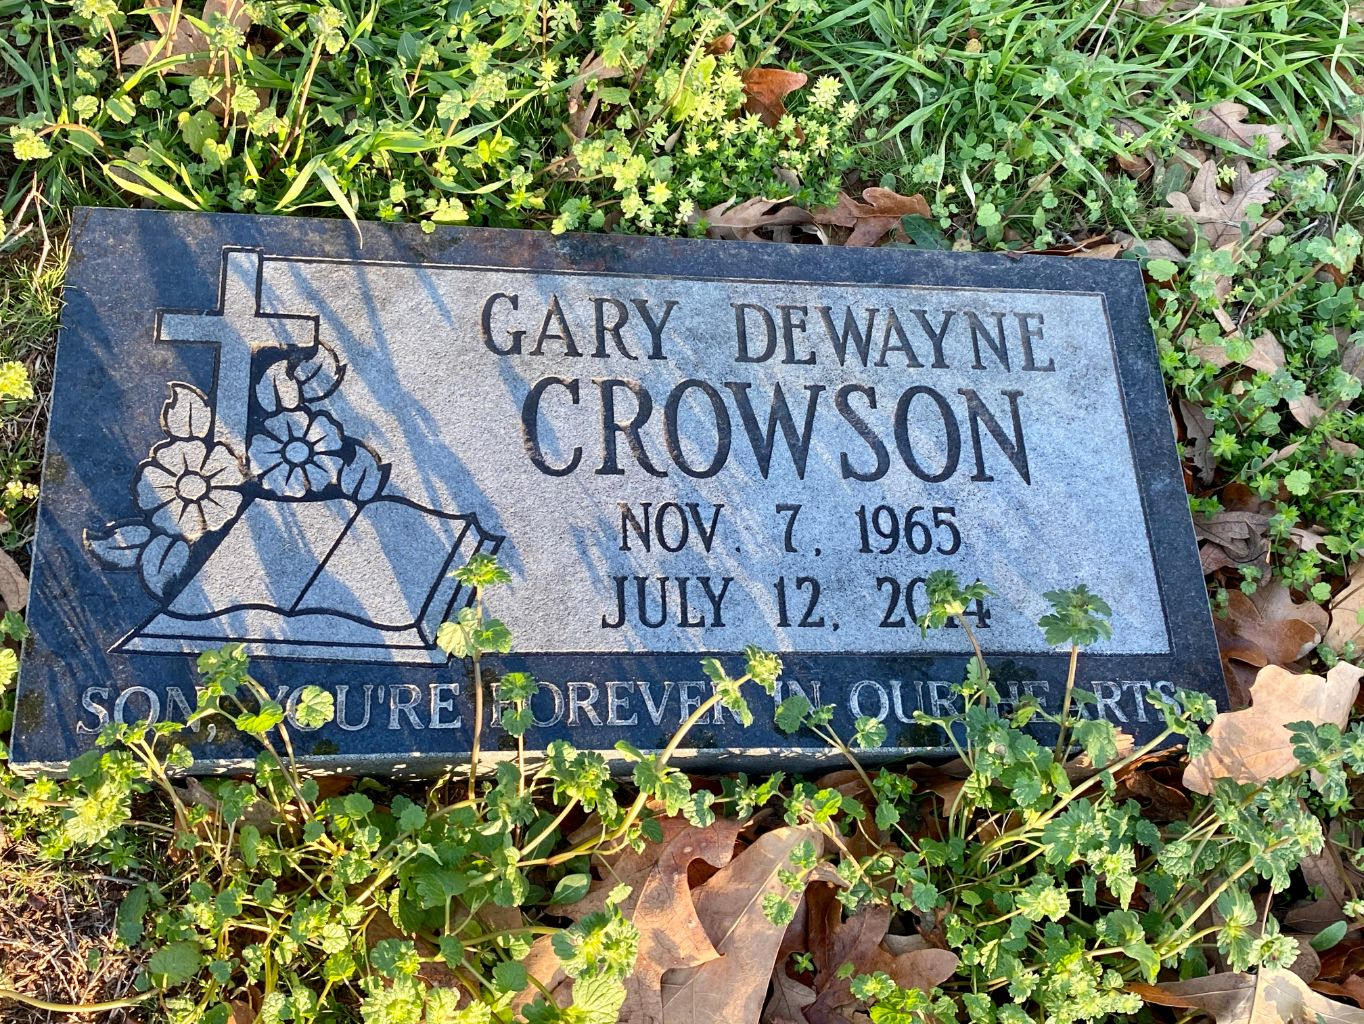 Crowson